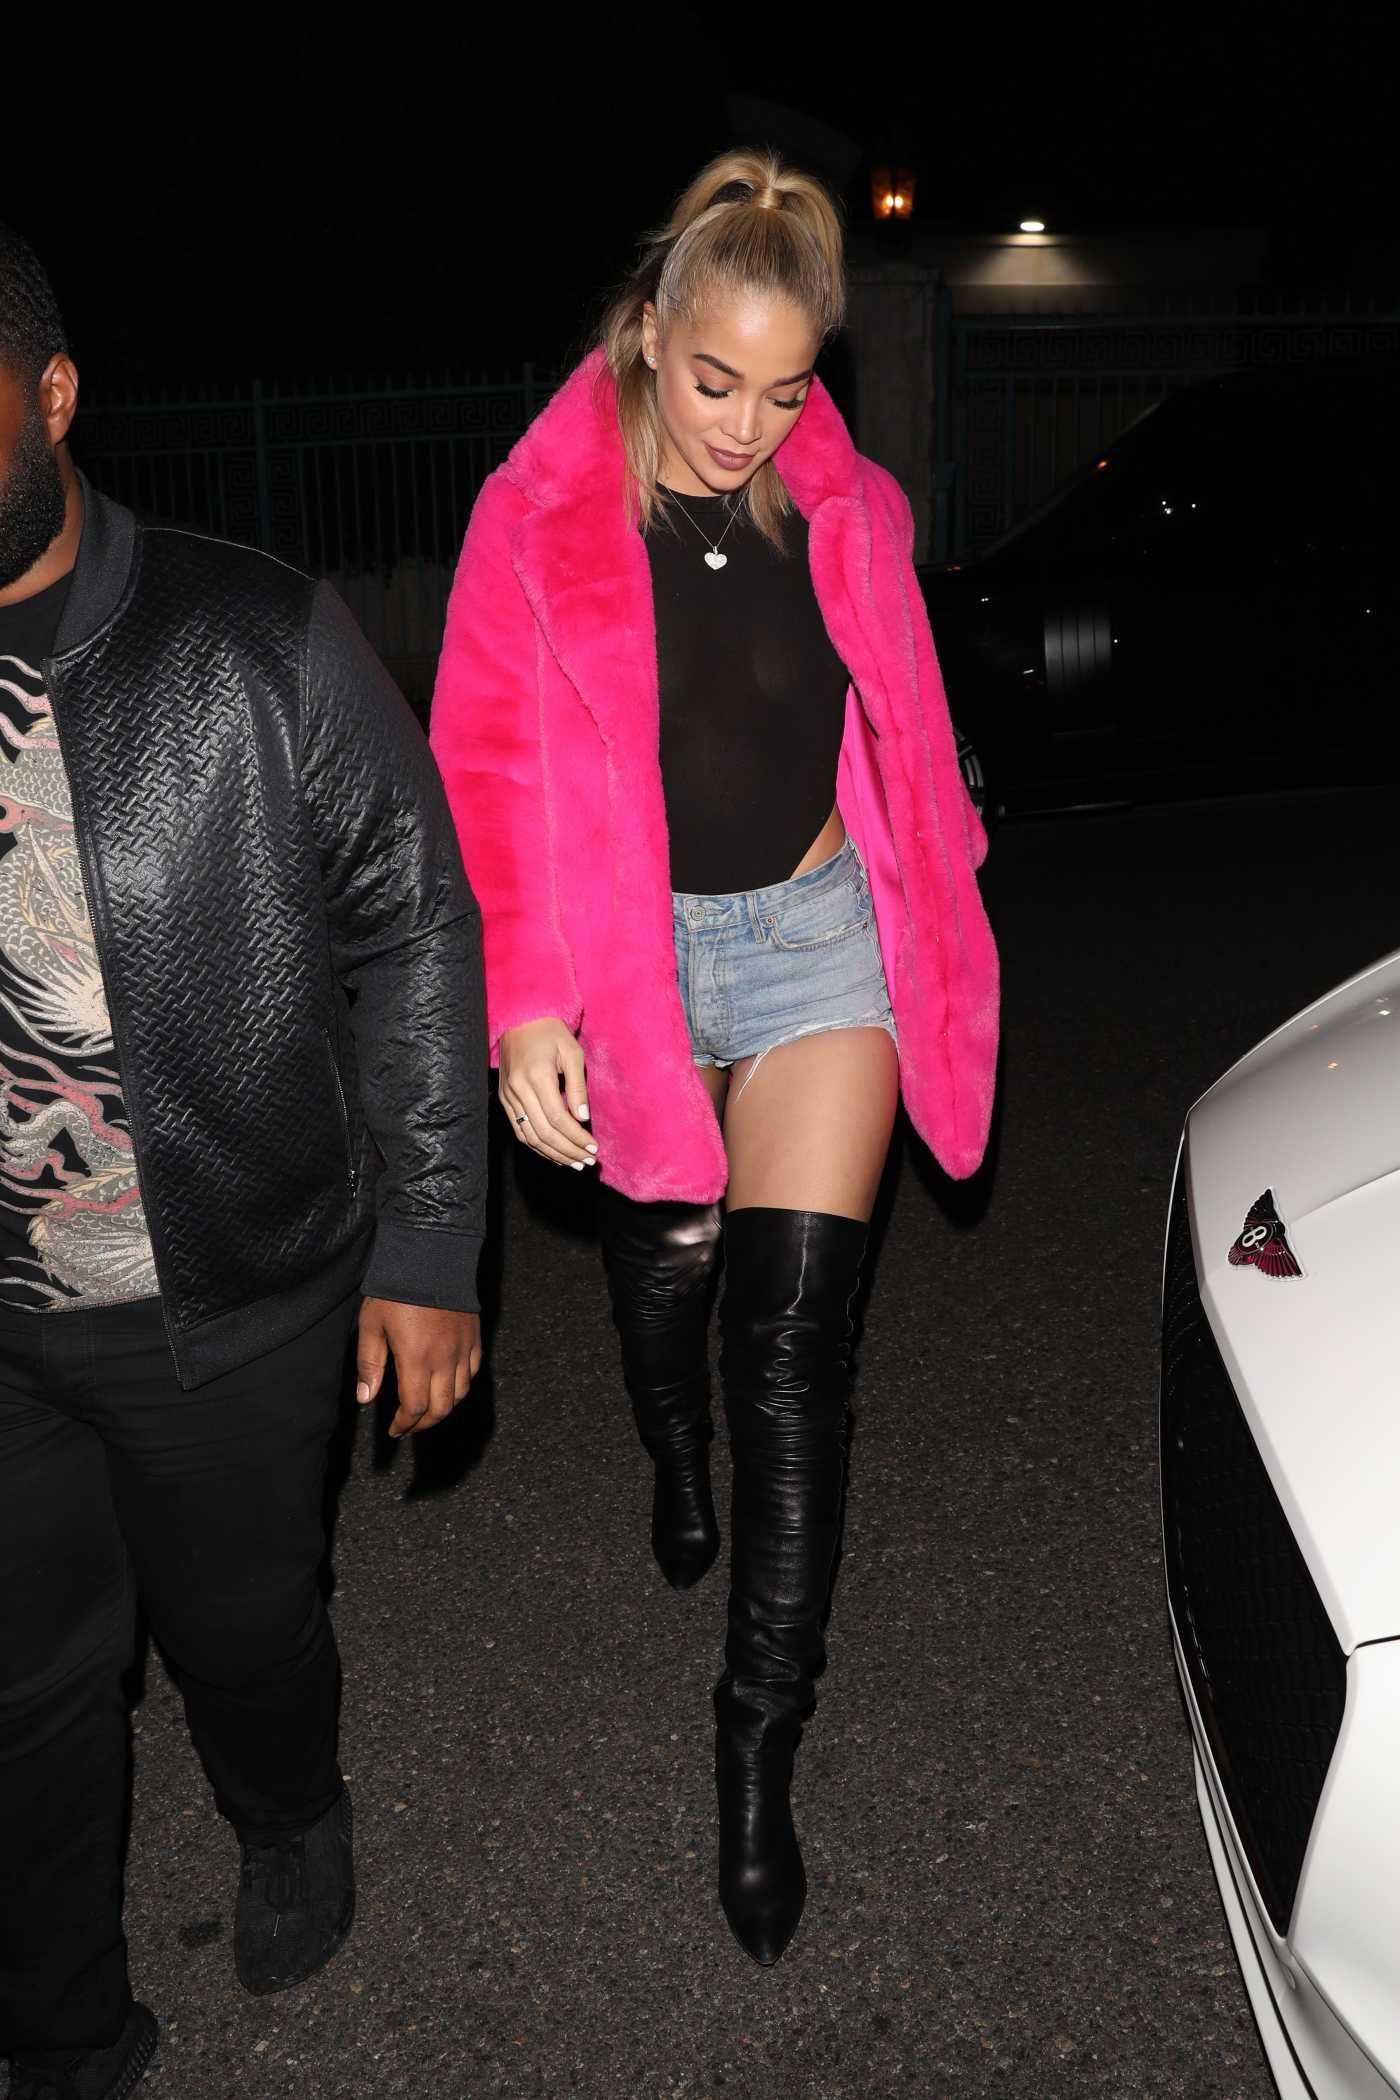 Jasmine Sanders in a Pink Fur Coat Leaves Paris Hilton's 39th Birthday Party in Los Angeles 02/21/2020